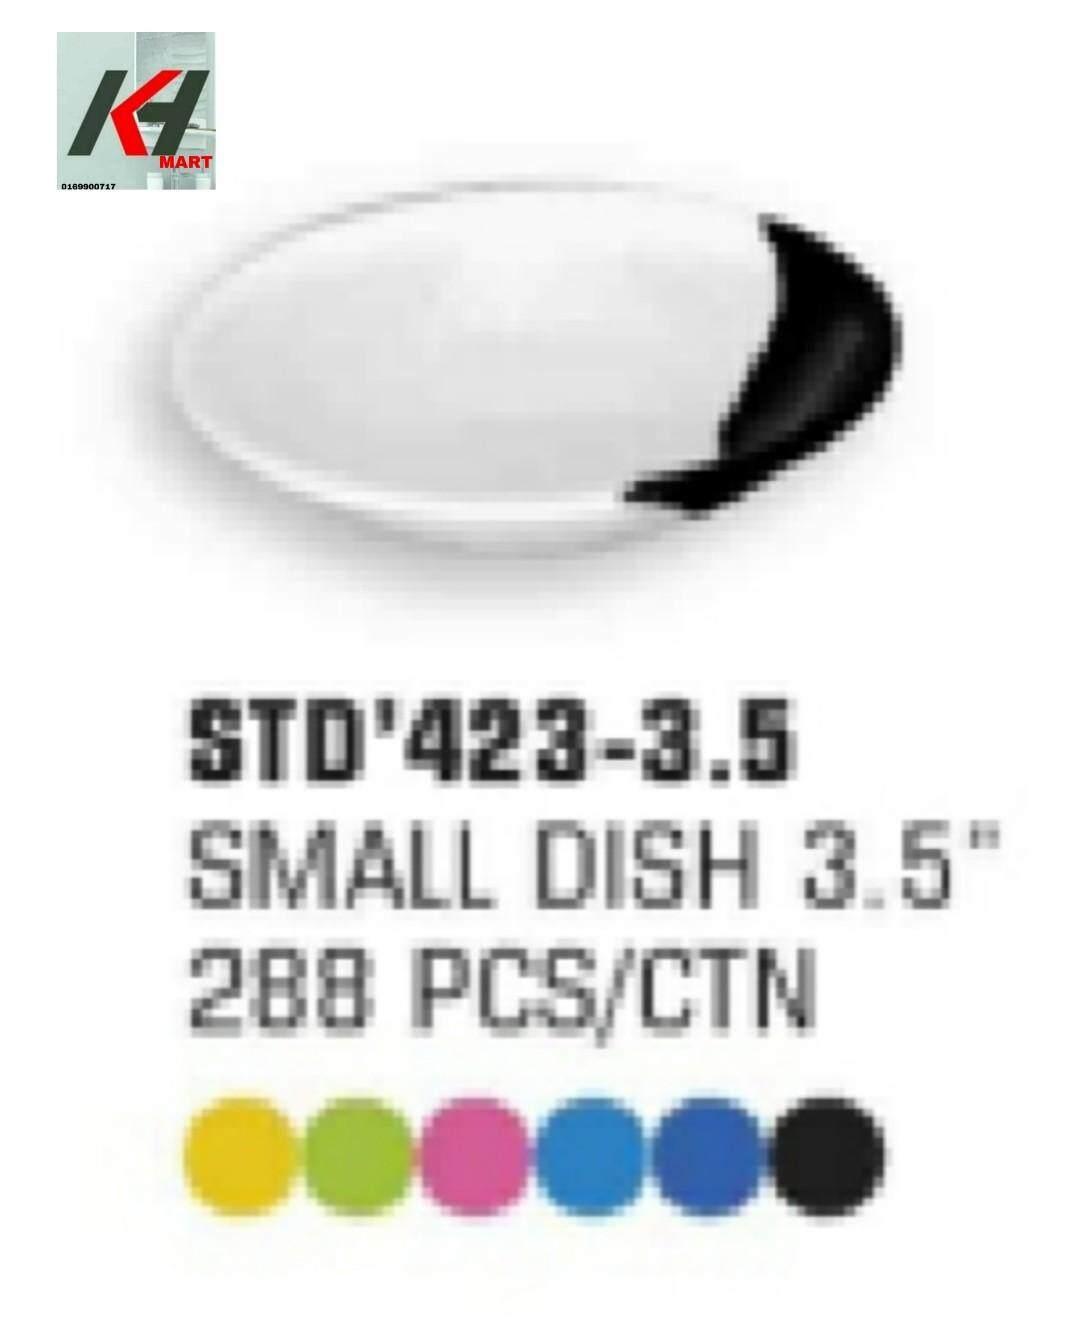 MELAMINE / MILAMINE TWO TONE SMALL  DISH 3.5   1 PCS READY STOCK